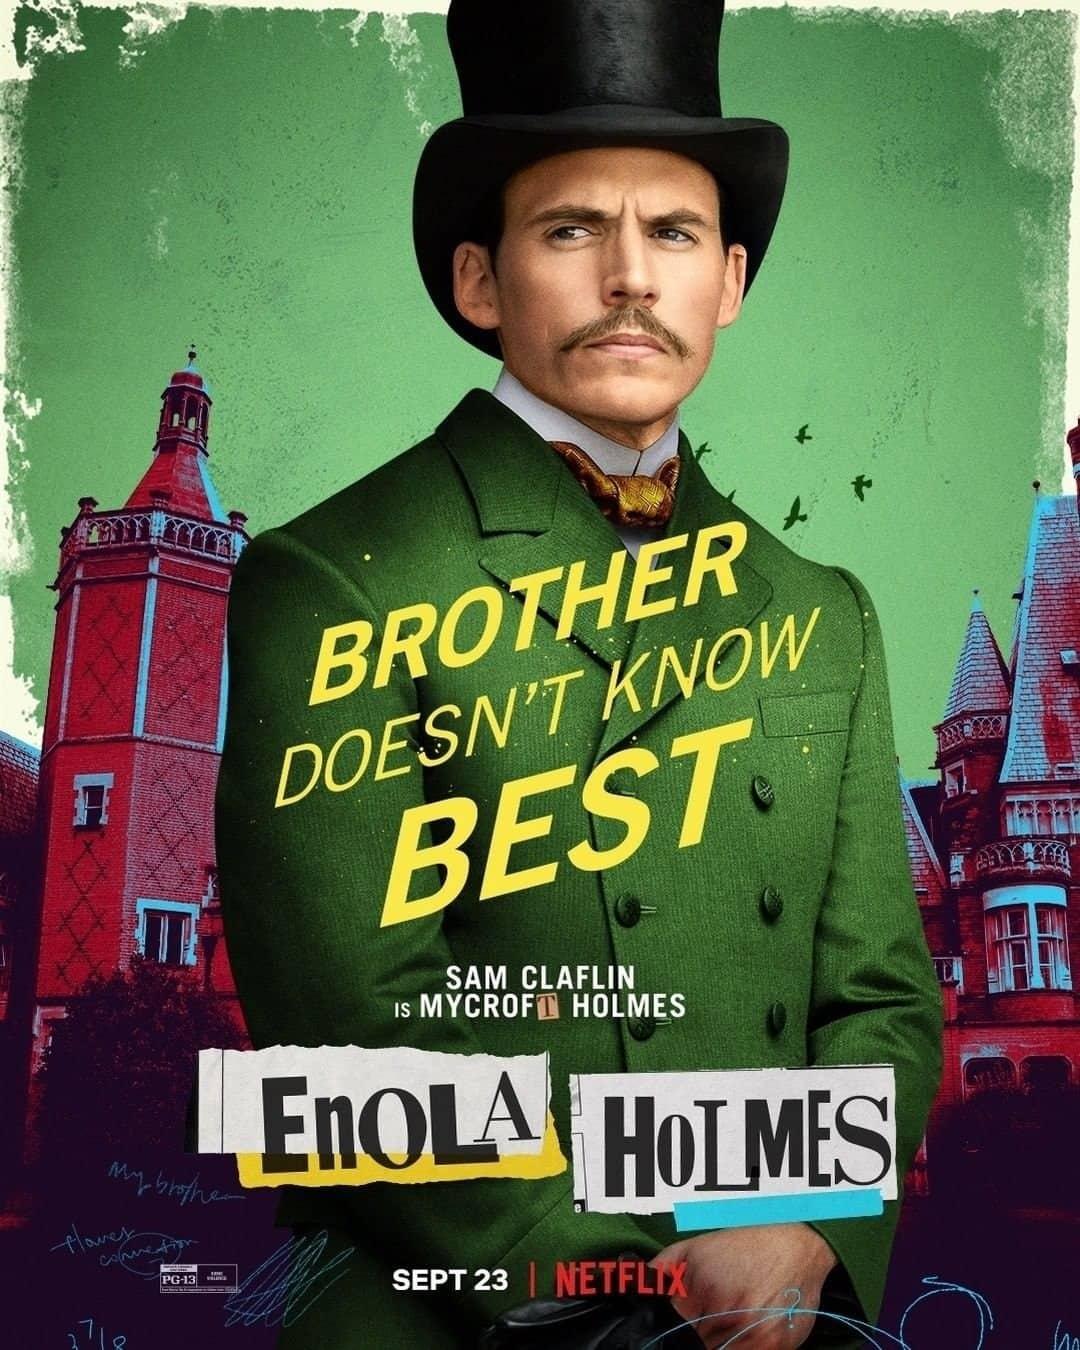 Sam Claflin Enola Holmes Character Poster